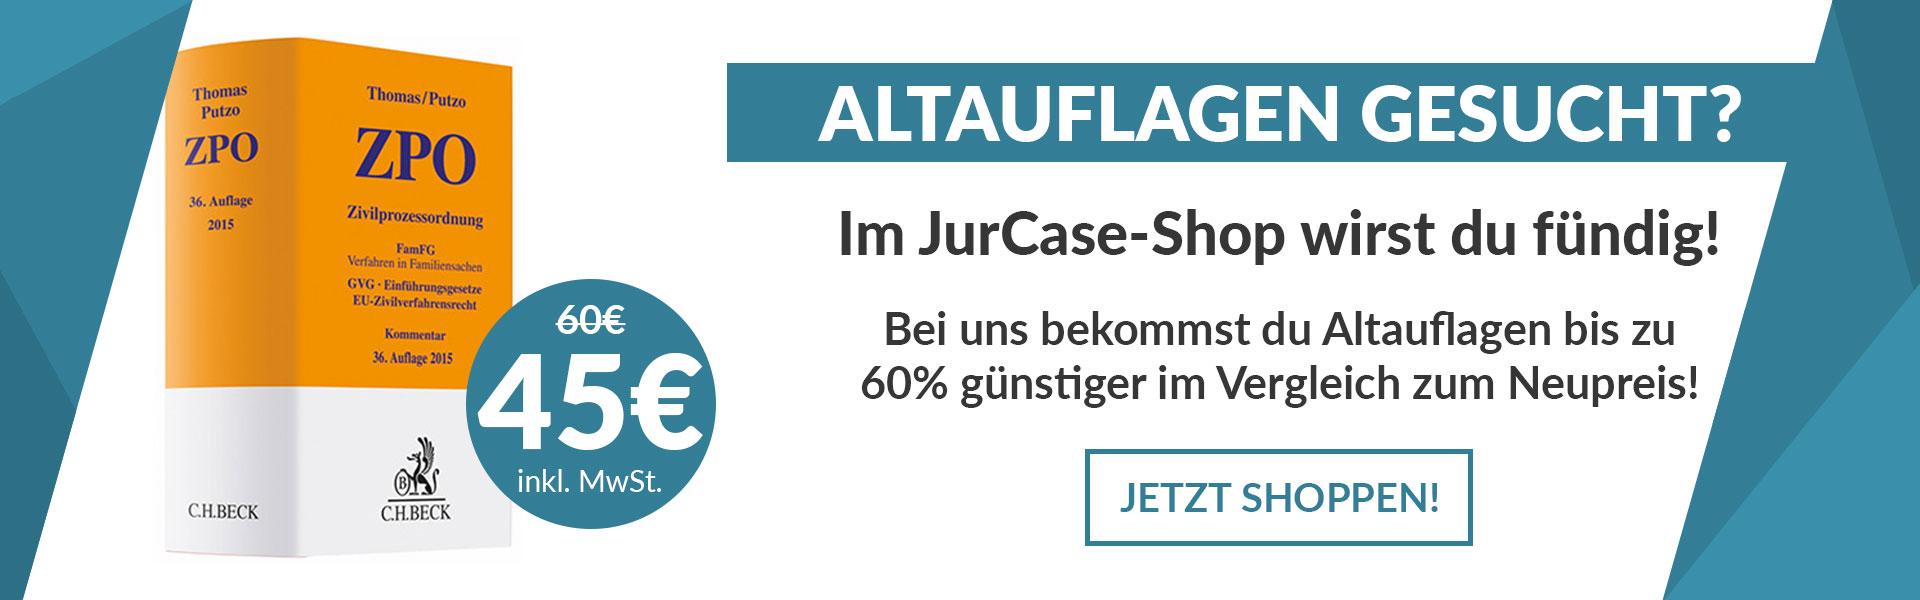 Große Auswahl an Altauflagen von Kommentaren und Gesetzestexten im JurCase-Shop